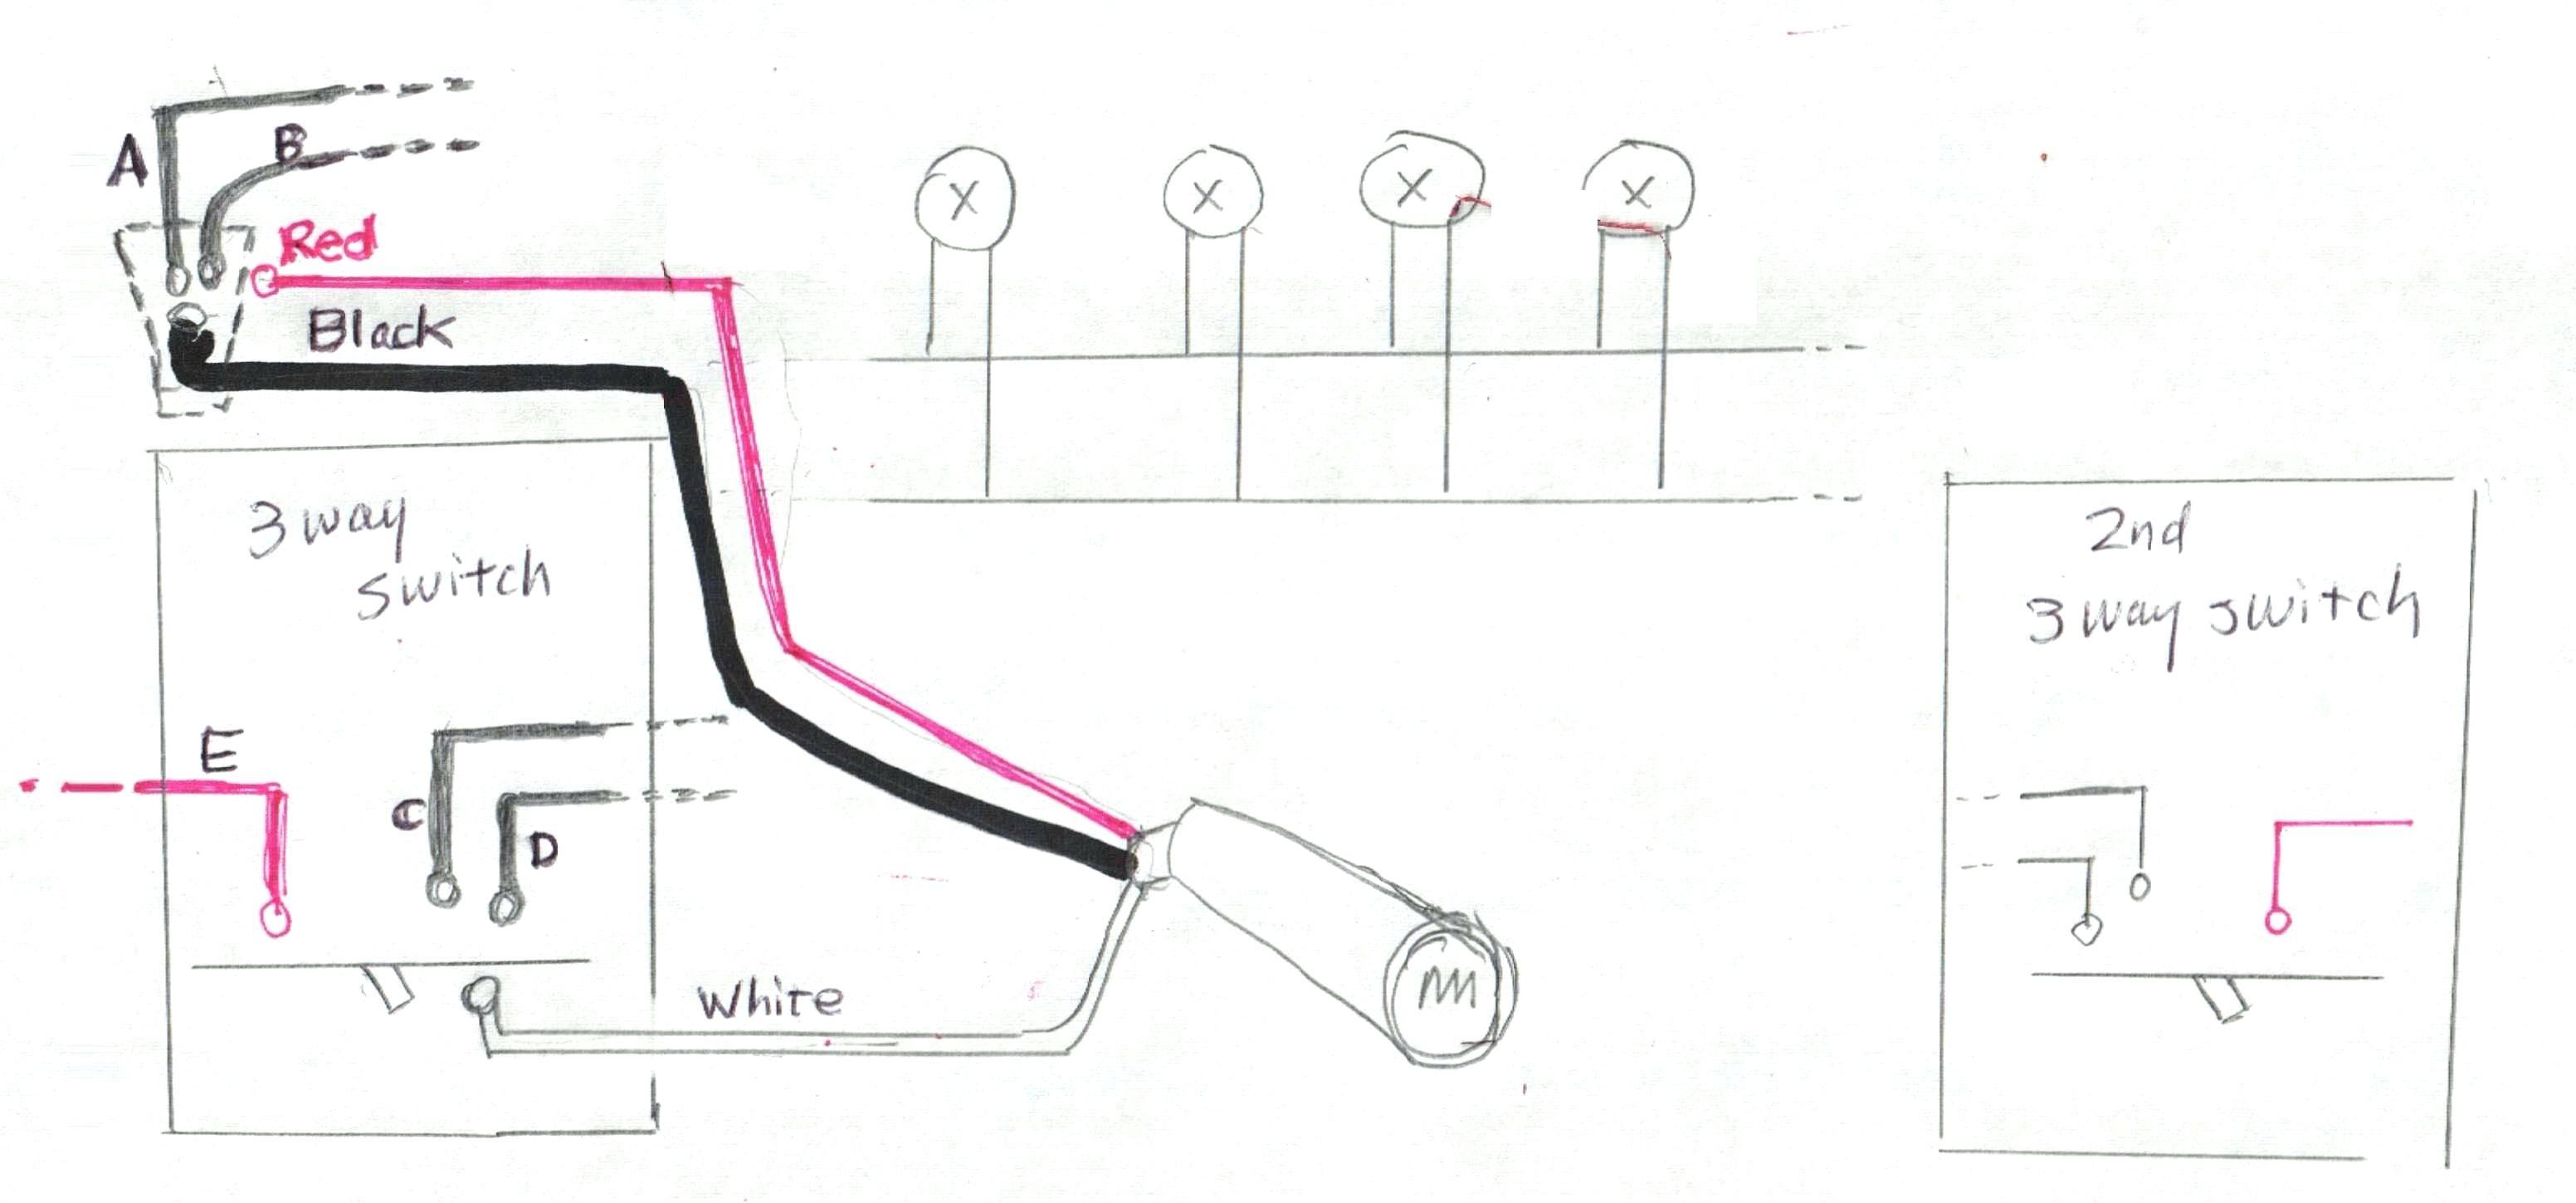 hornet car alarm wiring diagram car diagram incredible hornet car alarm wiring diagram image of hornet car alarm wiring diagram?quality\\\\\\\=80\\\\\\\&strip\\\\\\\=all bmw 2002 tii wiring diagram best wiring library